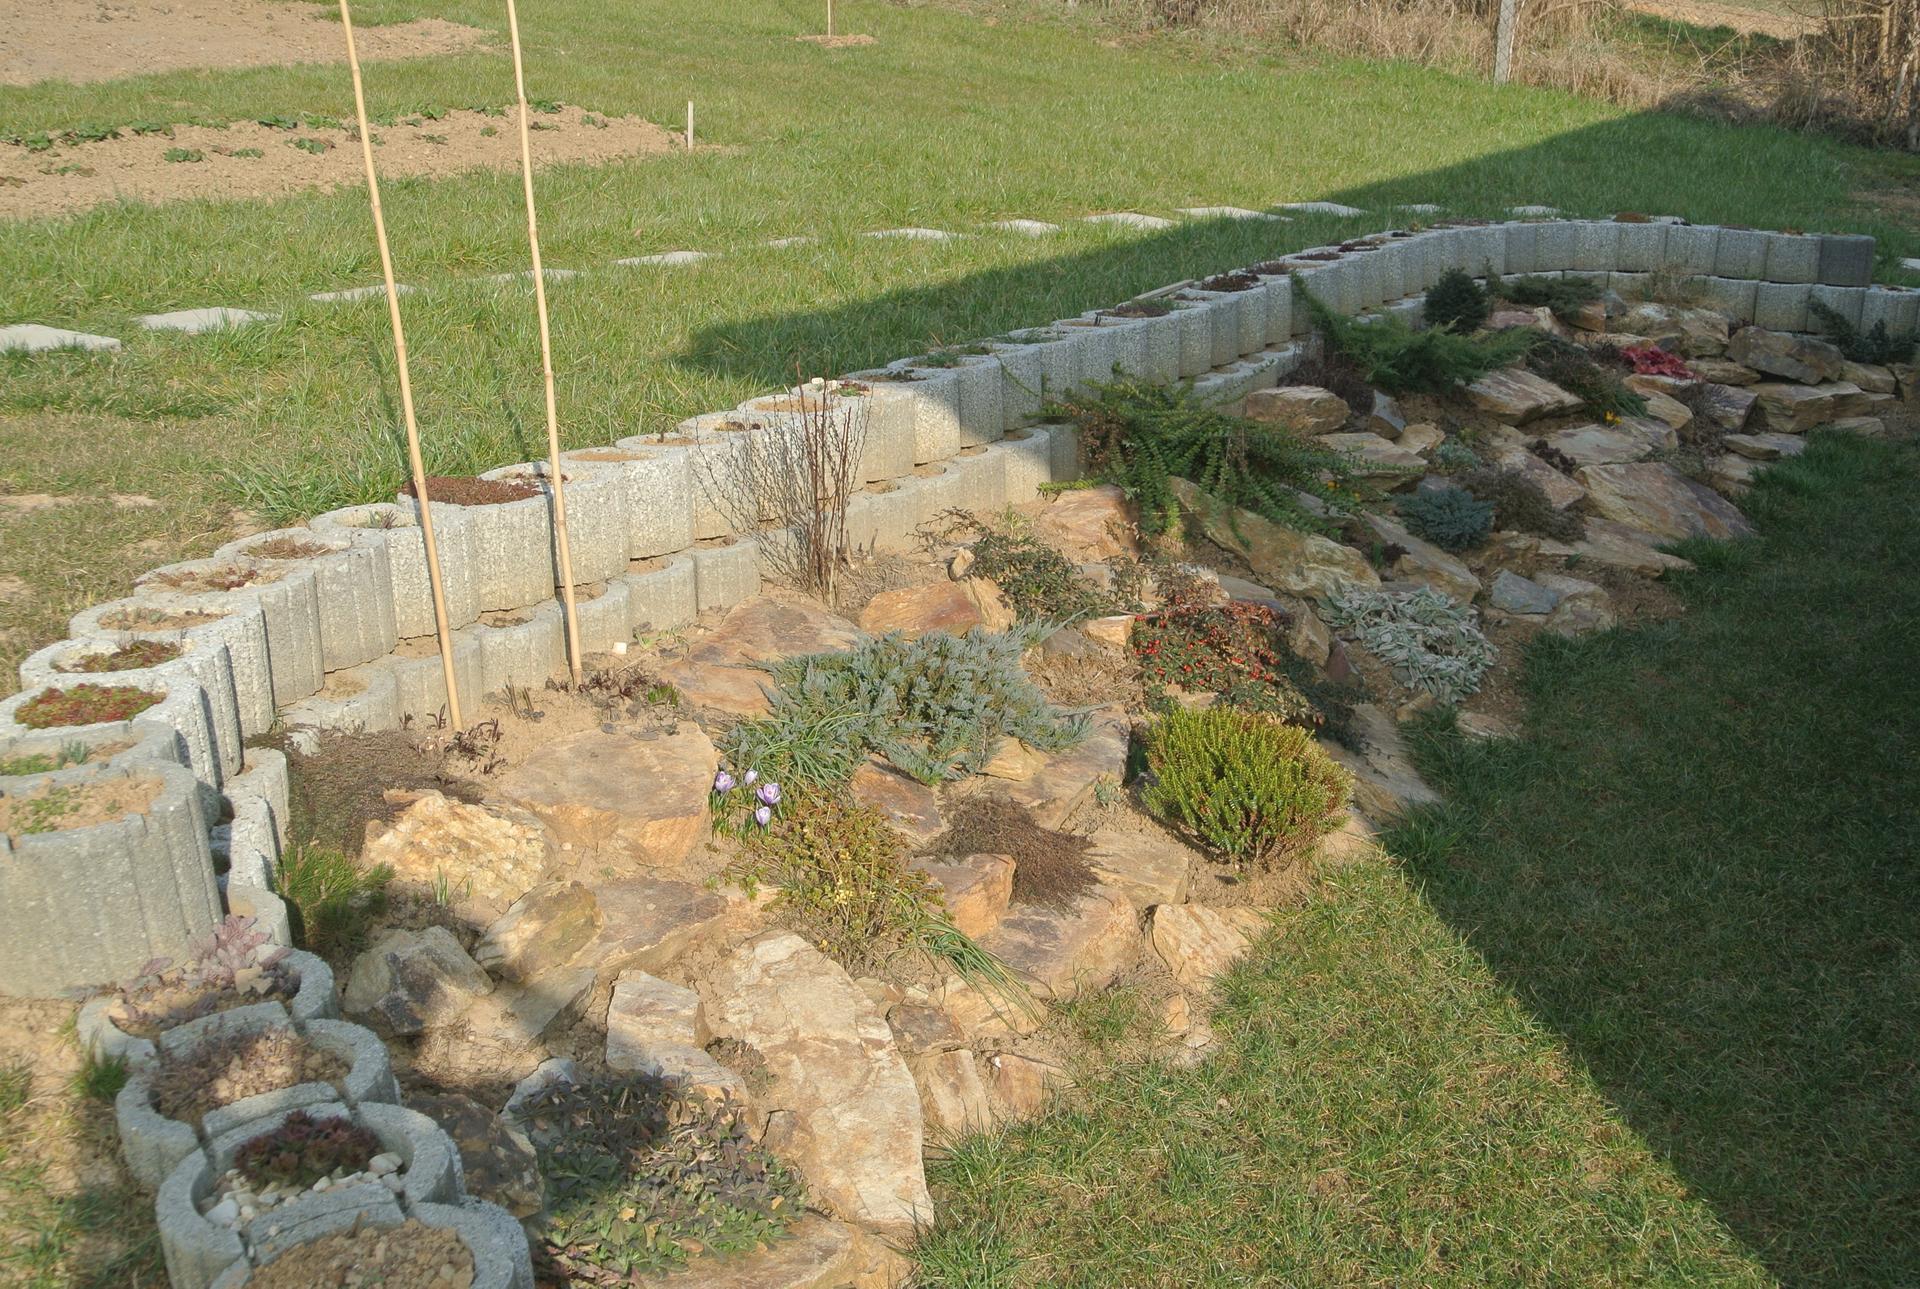 Budujeme okrasnú aj úžitkovú záhradu - 27.3.2021 Takto sme prezimovali.